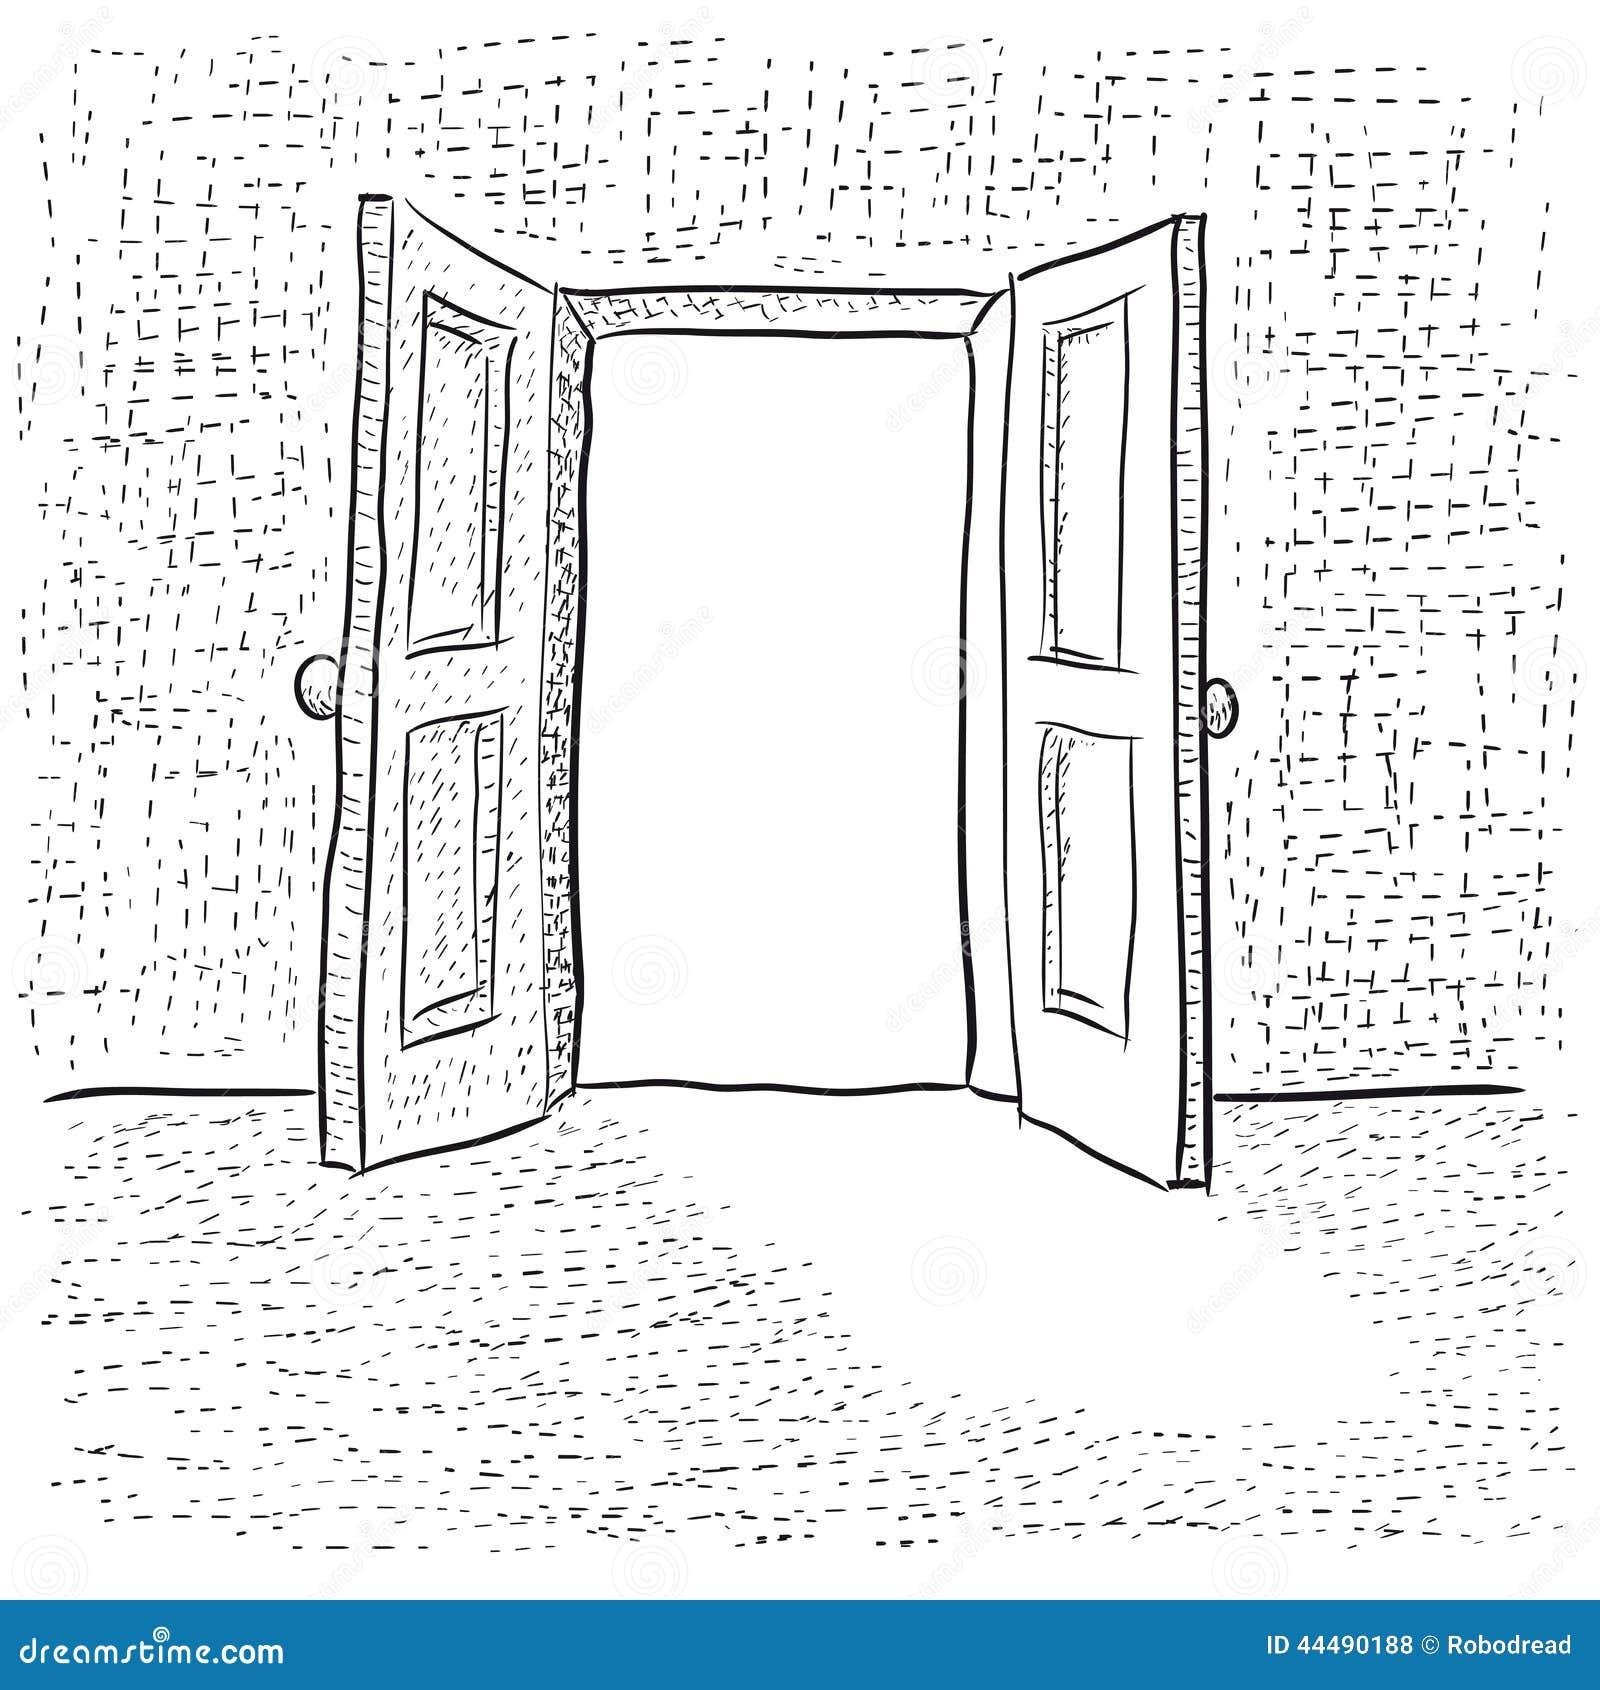 open door drawing illustration with an open door to concept open stock vector of house depth 44490188